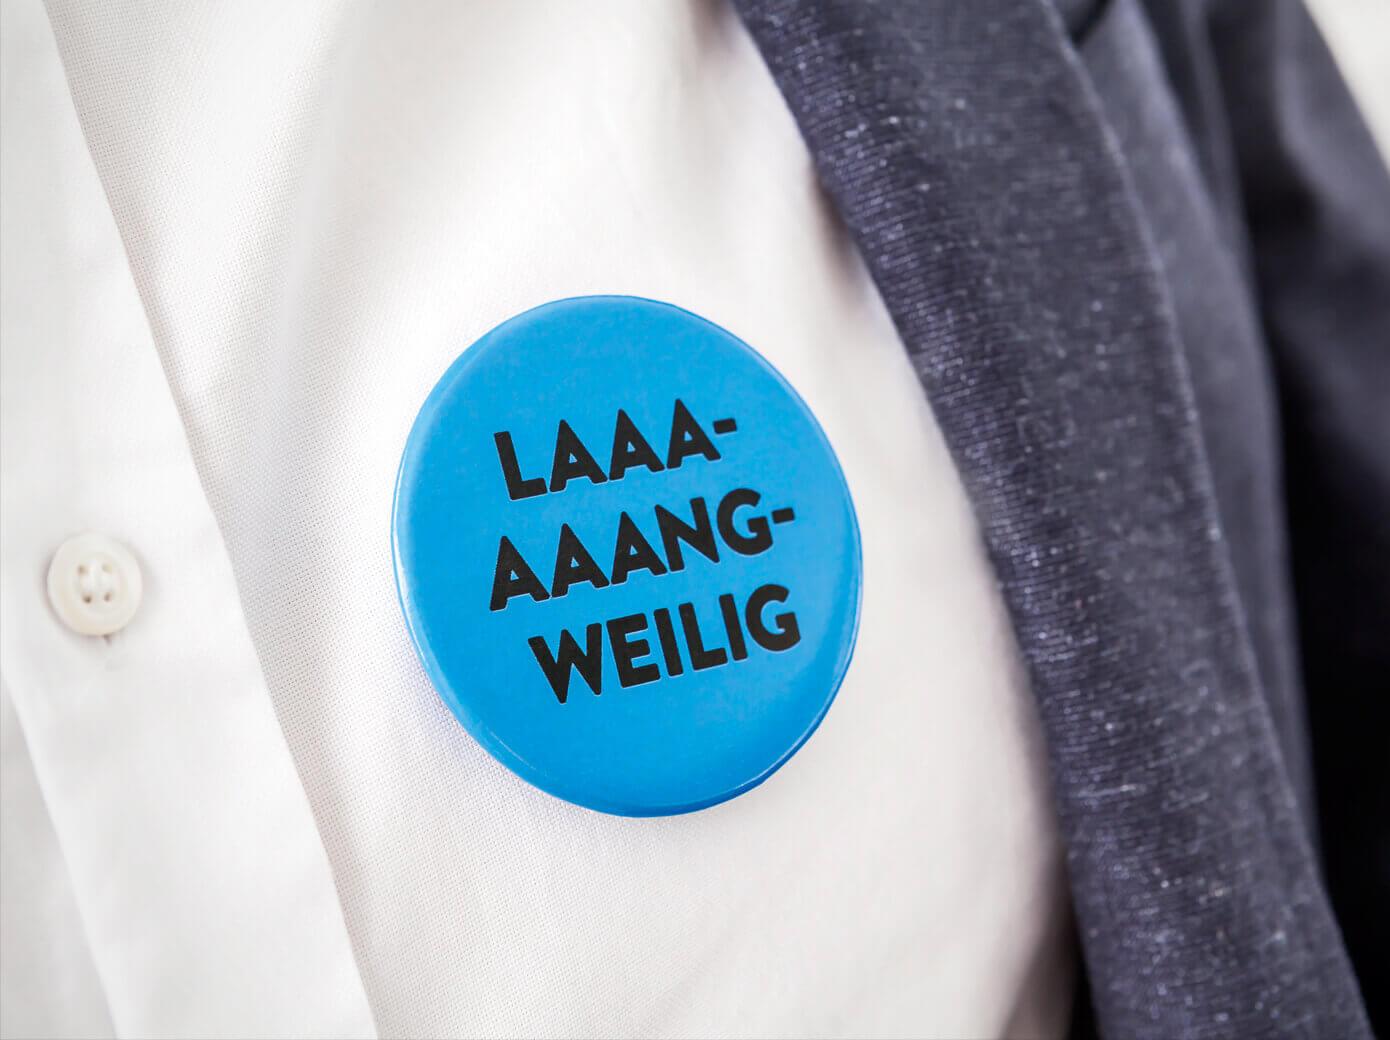 cyclos vkb aok kampagne button Marketing Krankenkasse werbeagentur